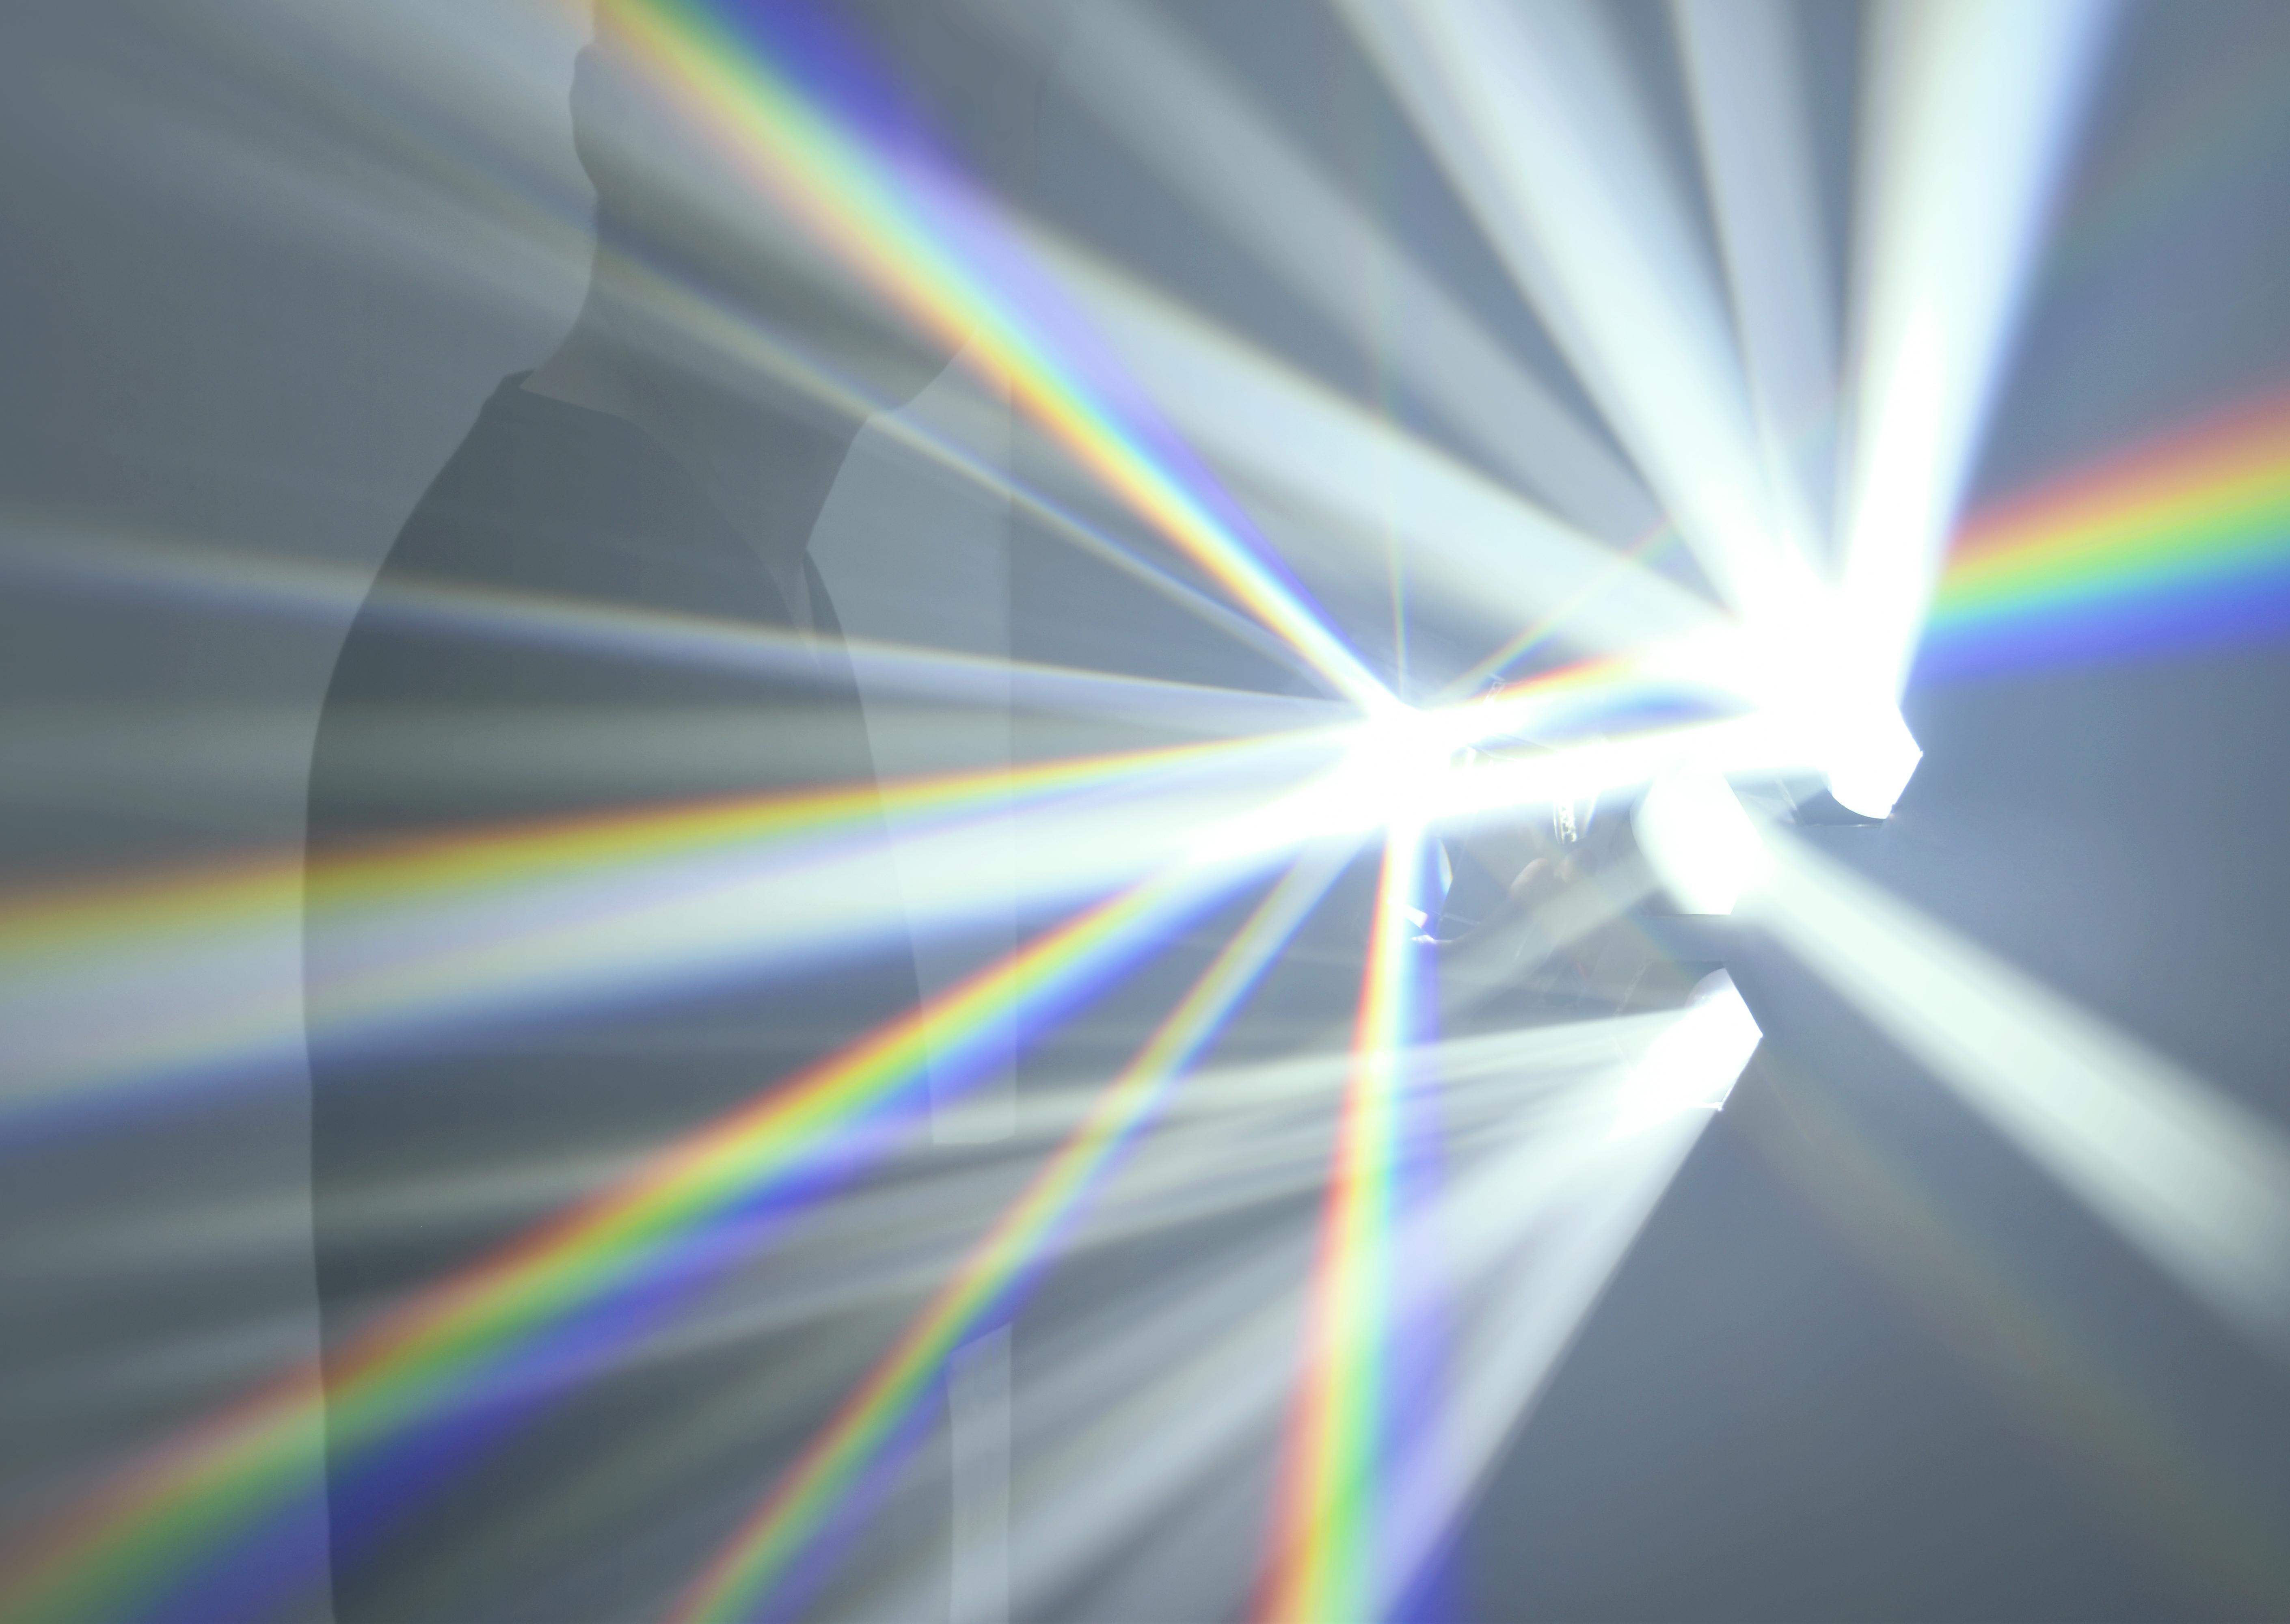 吉岡徳仁 スペクトル ー プリズムから放たれる虹の光線【今週のおすすめアート】